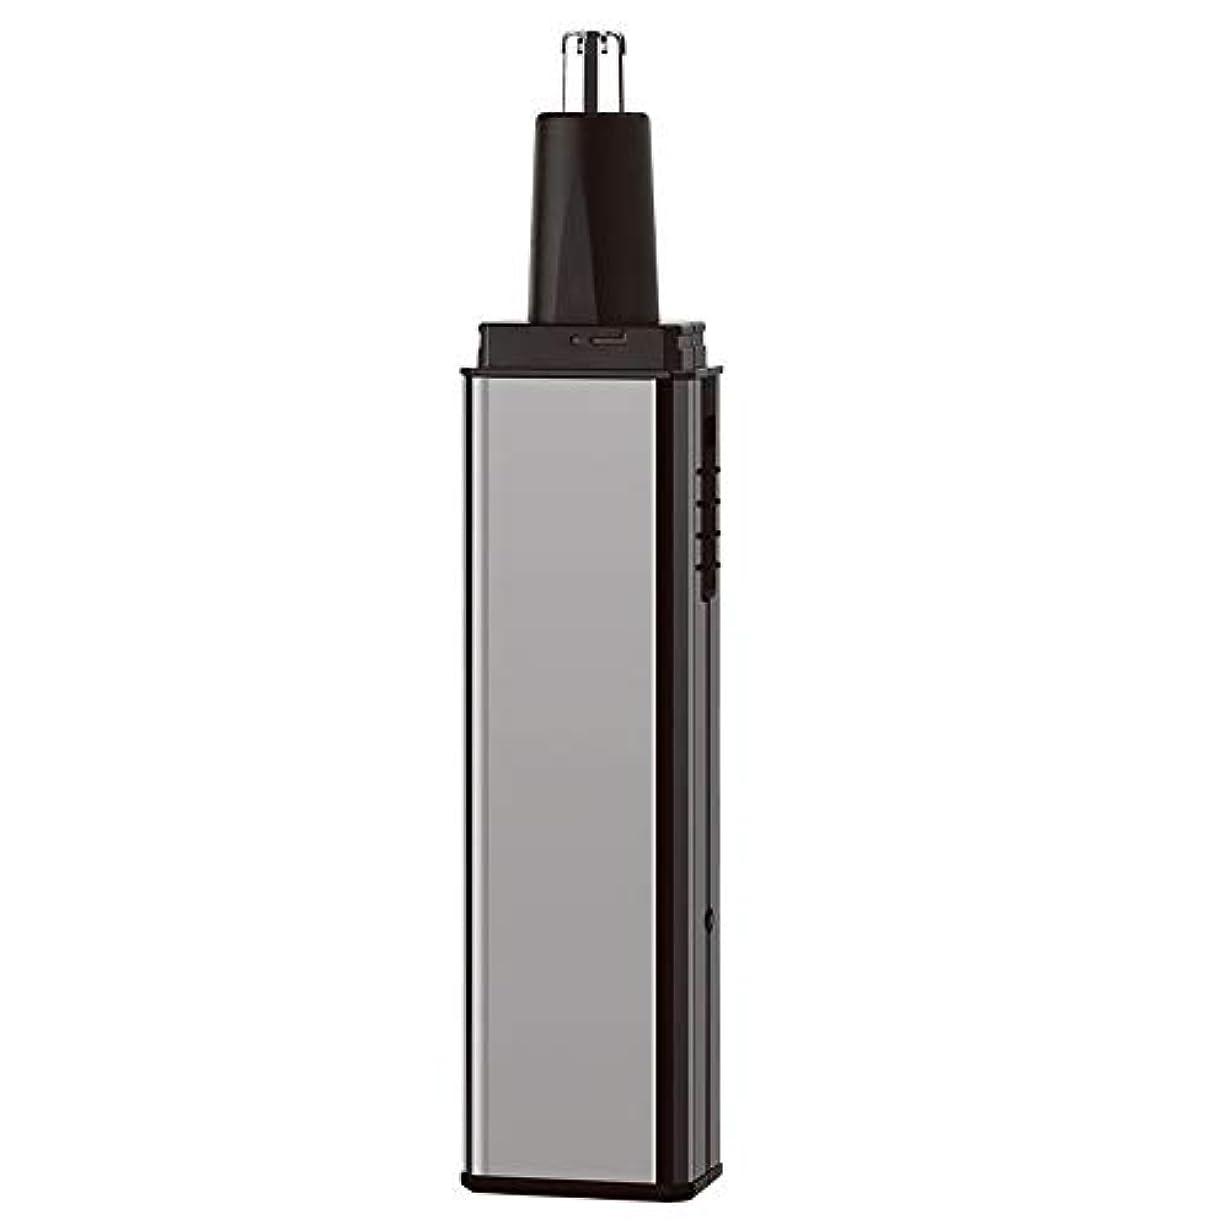 君主制相談ゴールデン鼻毛トリマー-多機能スーツフォーインワン/電気鼻毛トリマー/ステンレススチール/多機能/ 13.5 * 2.7cm 持つ価値があります